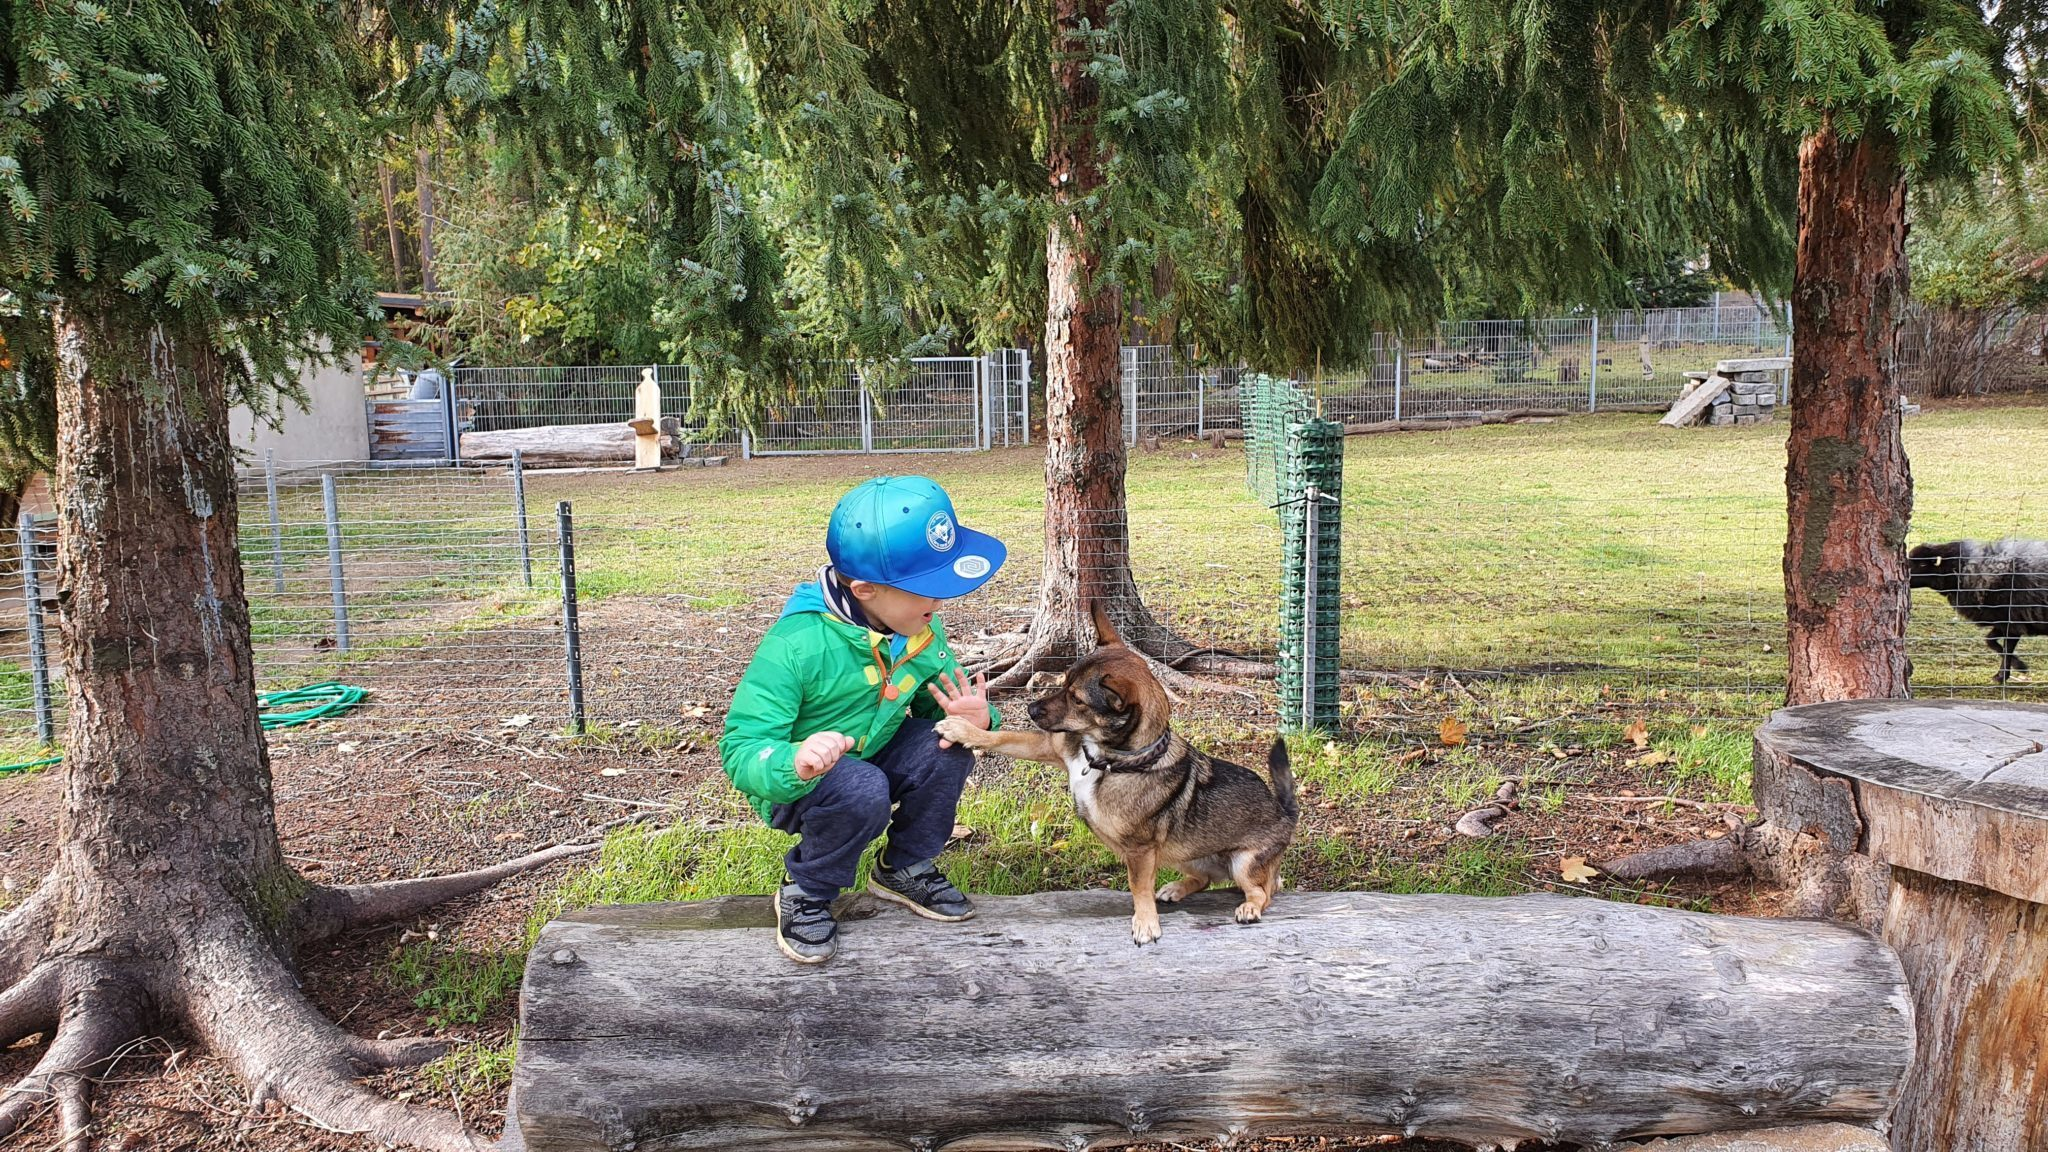 Kind mit Hund auf Baumstamm